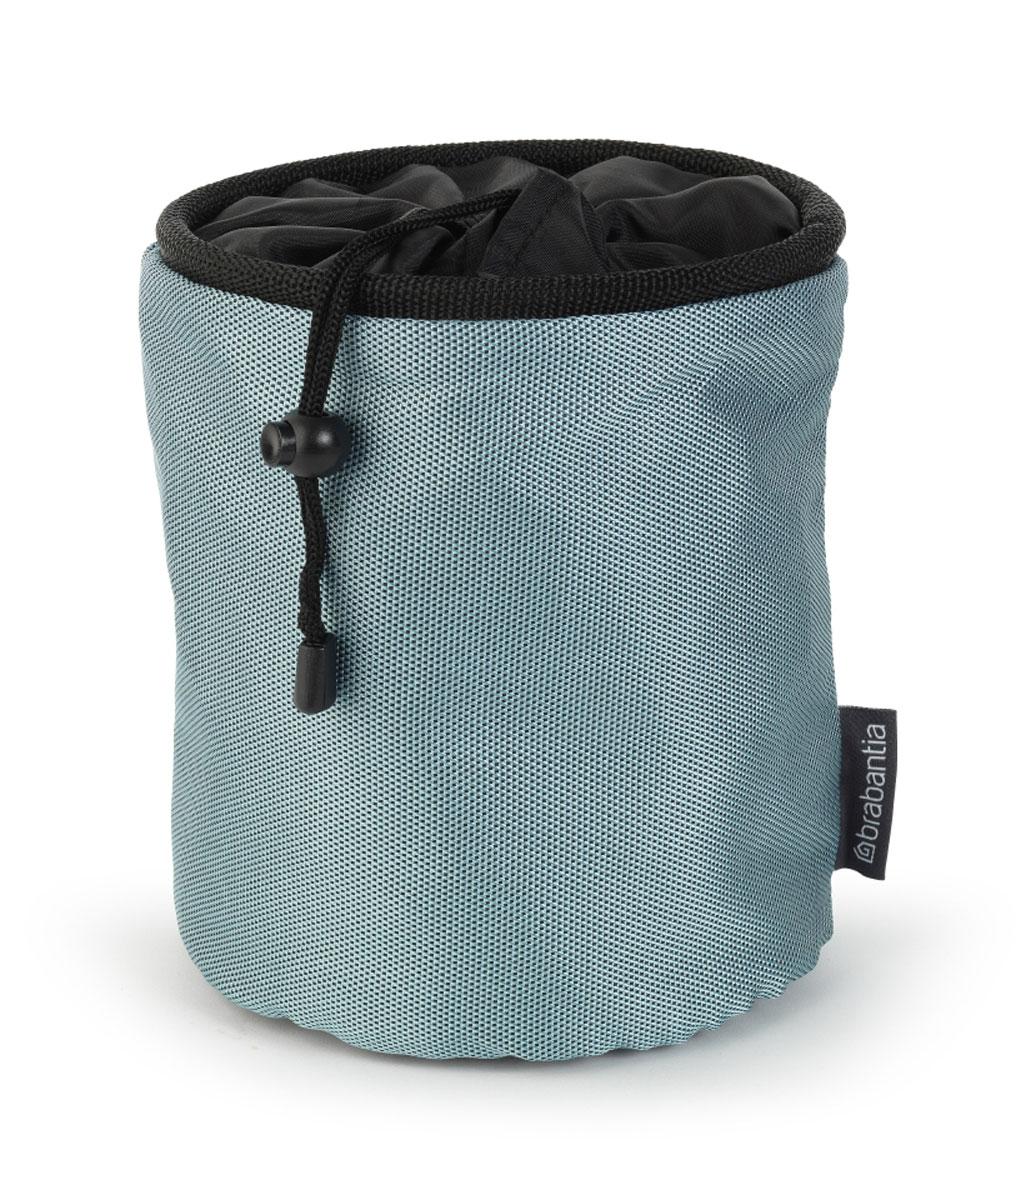 Мешок для прищепок Brabantia. 105784105784_серо-голубой металликМешок для прищепок Brabantia, изготовленный из высококачественного текстиля, позволит хранить все прищепки в одном месте, благодаря чему они всегда будут под рукой. Мешок вмещает достаточное количество прищепок и удобно крепится к сушилке с помощью специального металлического карабина. Прочный и долговечный мешок затягивается специальным шнуром, благодаря чему ваши прищепки всегда будут чистые и сухие. Размер мешка (в собранном виде): 16,5 х 16,5 х 5 см. Размер мешка (в разложенном виде): 16,5 х 16,5 х 18,5 см.